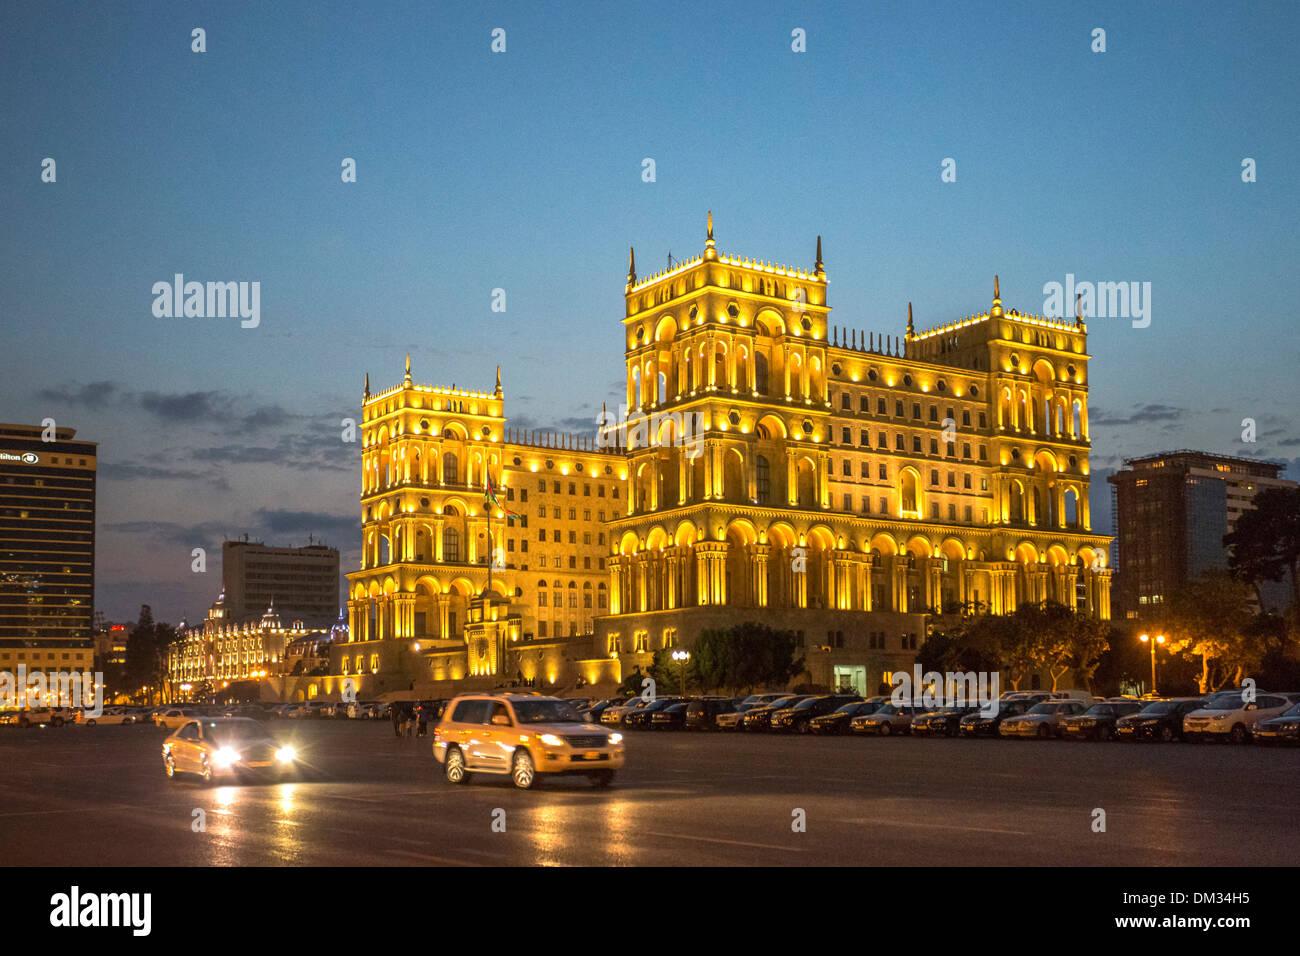 Aserbaidschan Kaukasus Eurasia Baku Regierung Verwaltung Architektur Avenue City Innenstadt Haus Reisen beleuchtet Lichter Stockbild